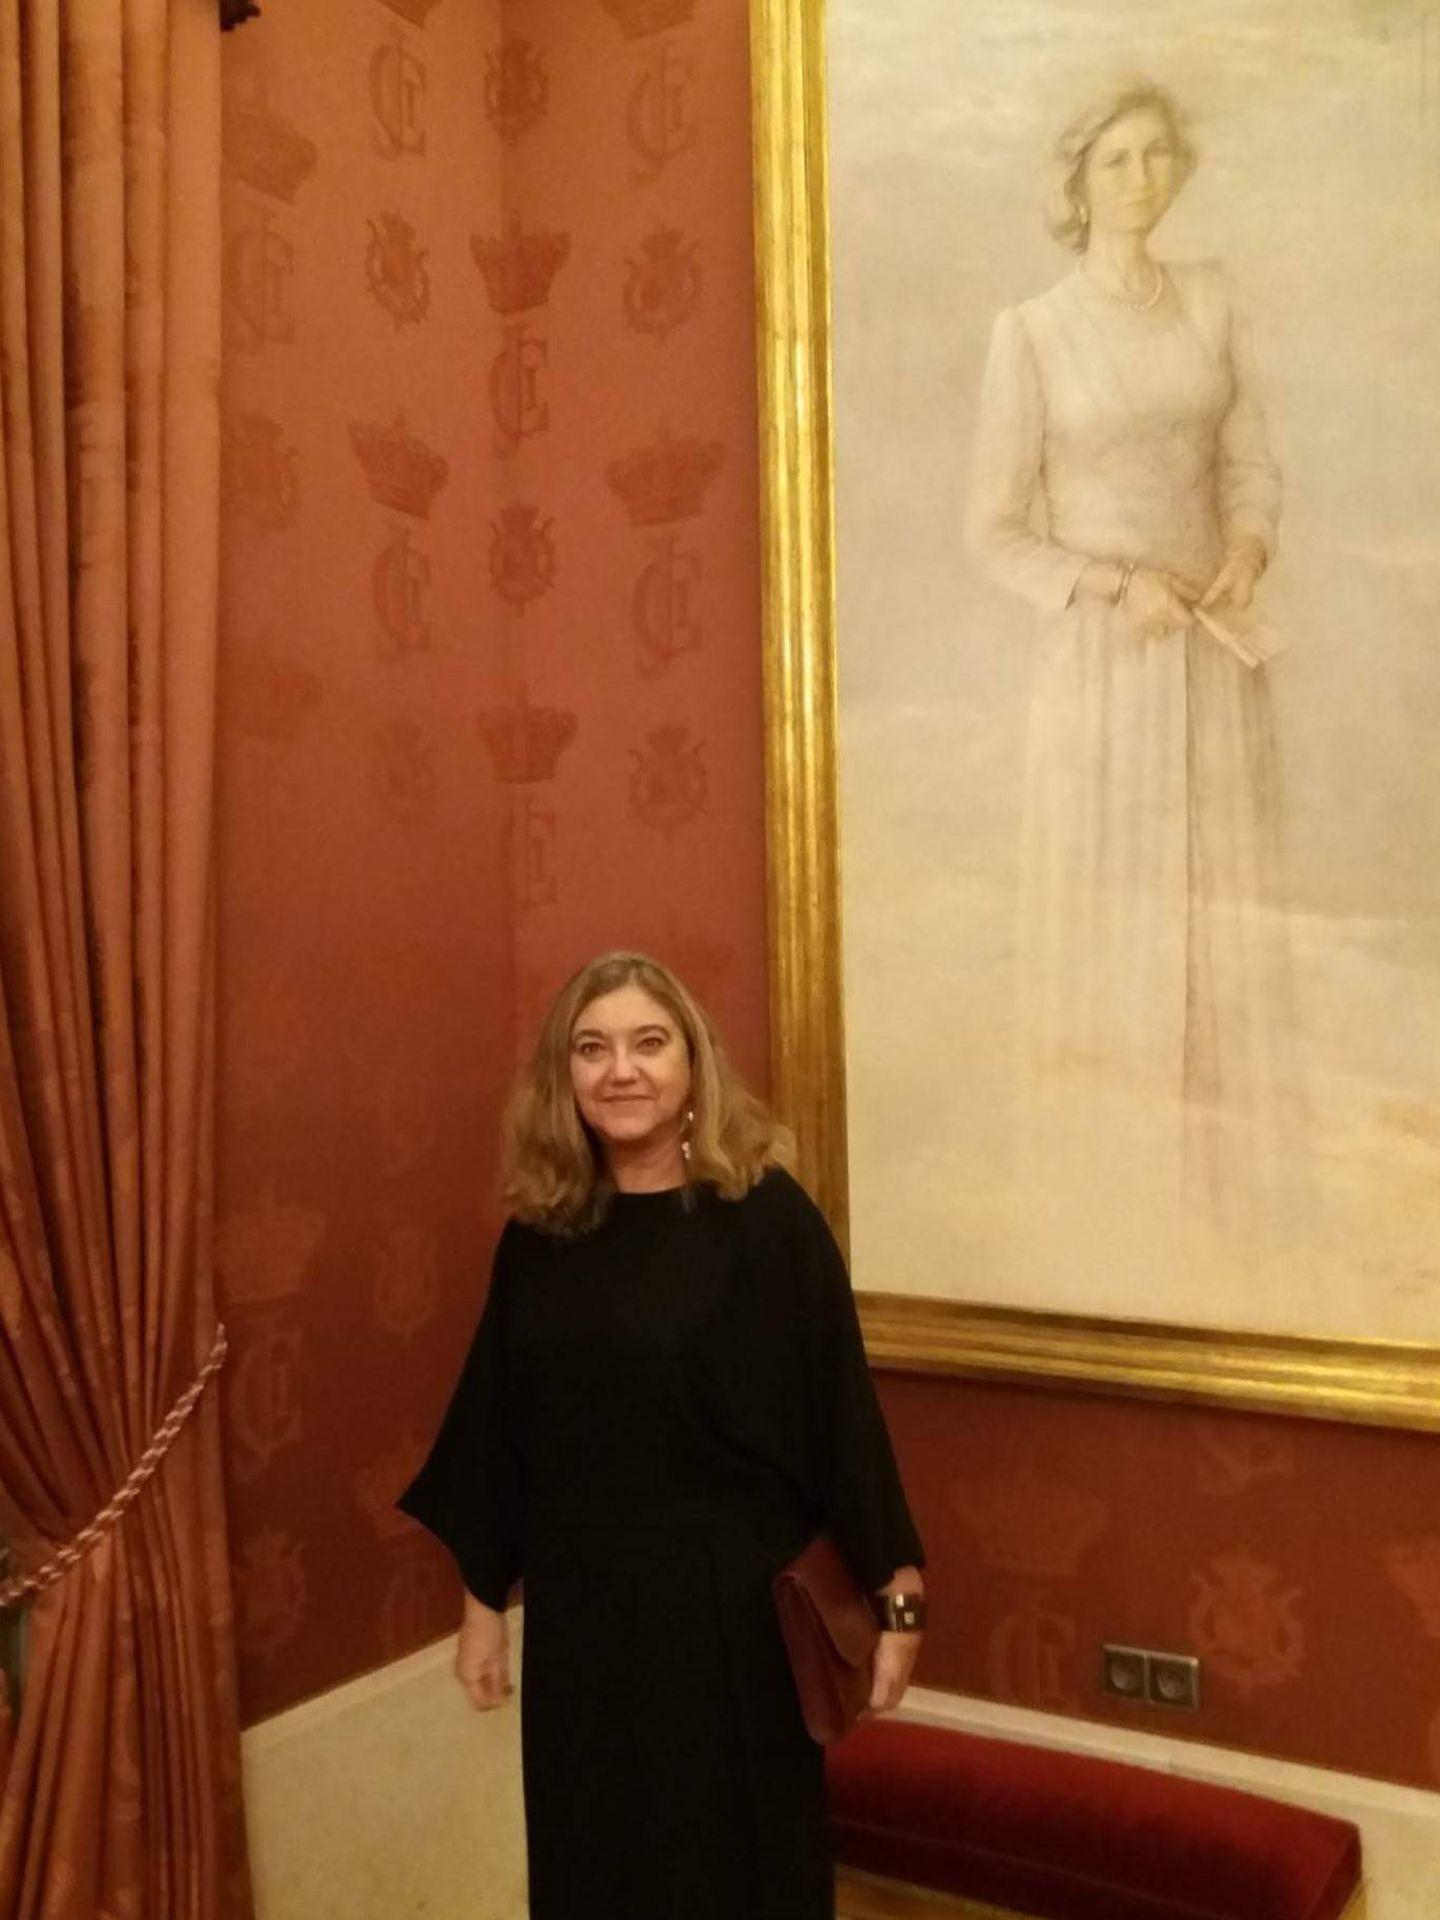 La autora, junto a un retrato de la reina Sofía. (Foto cedida)